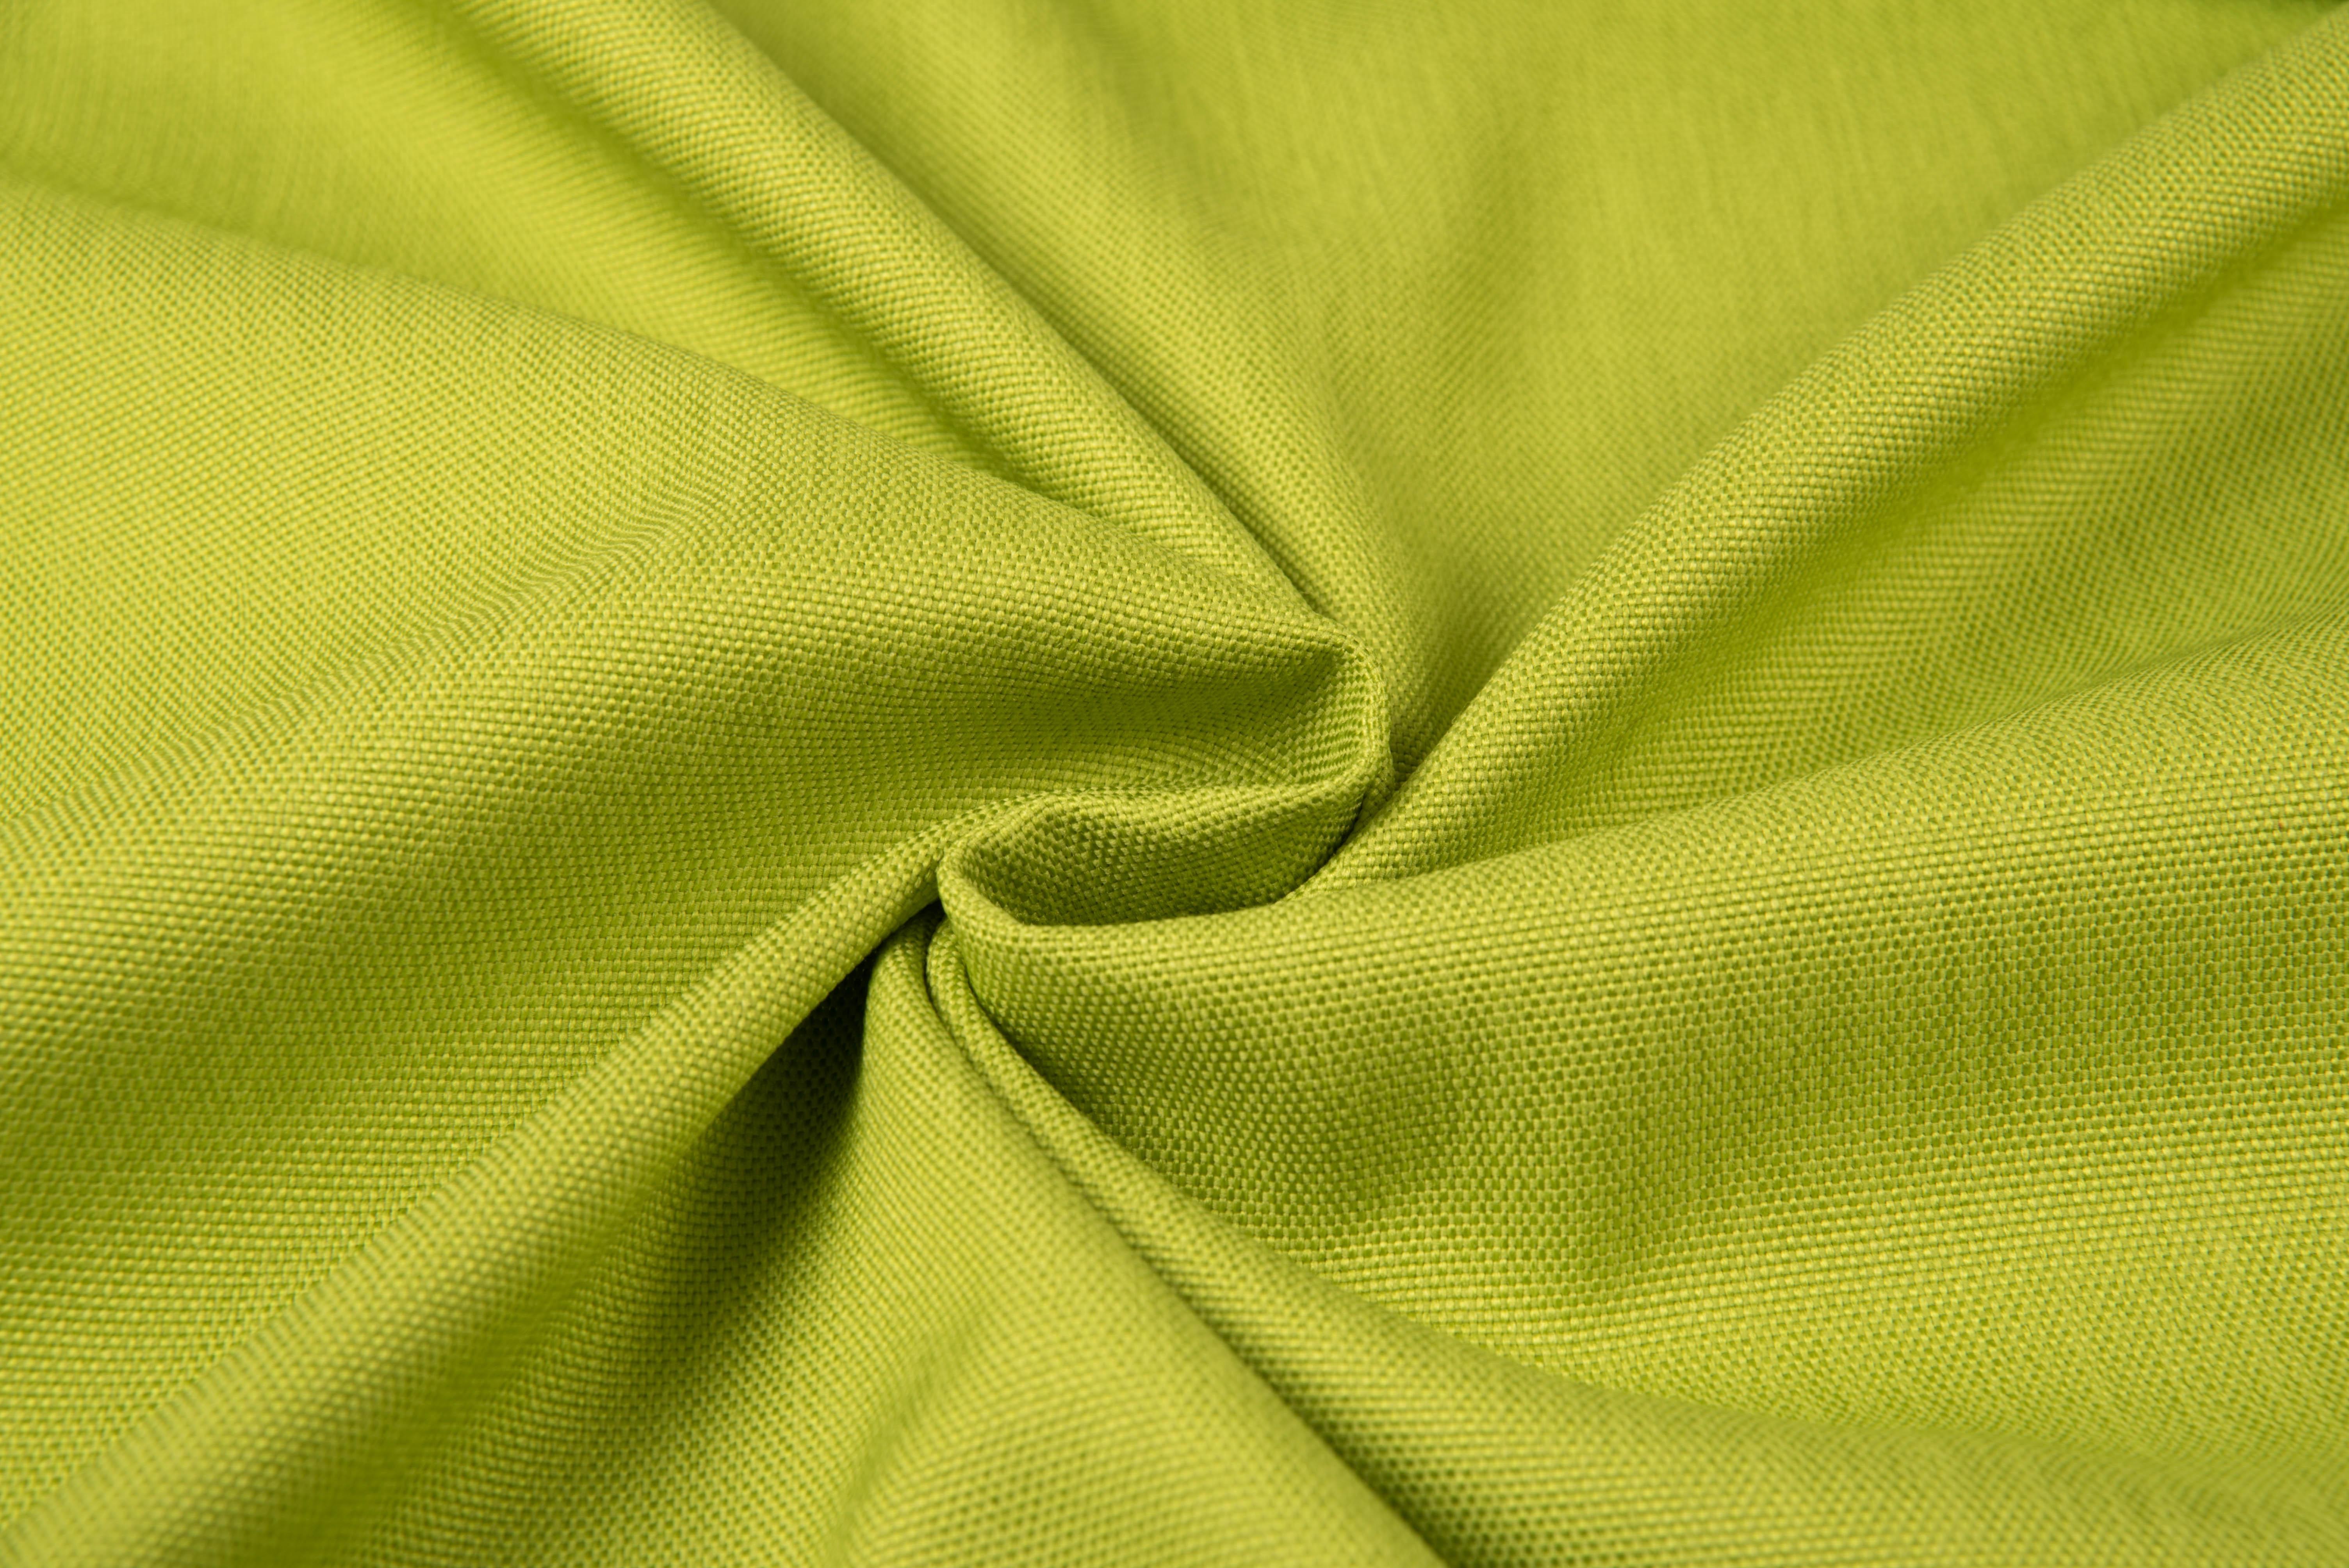 Что такое ткань?